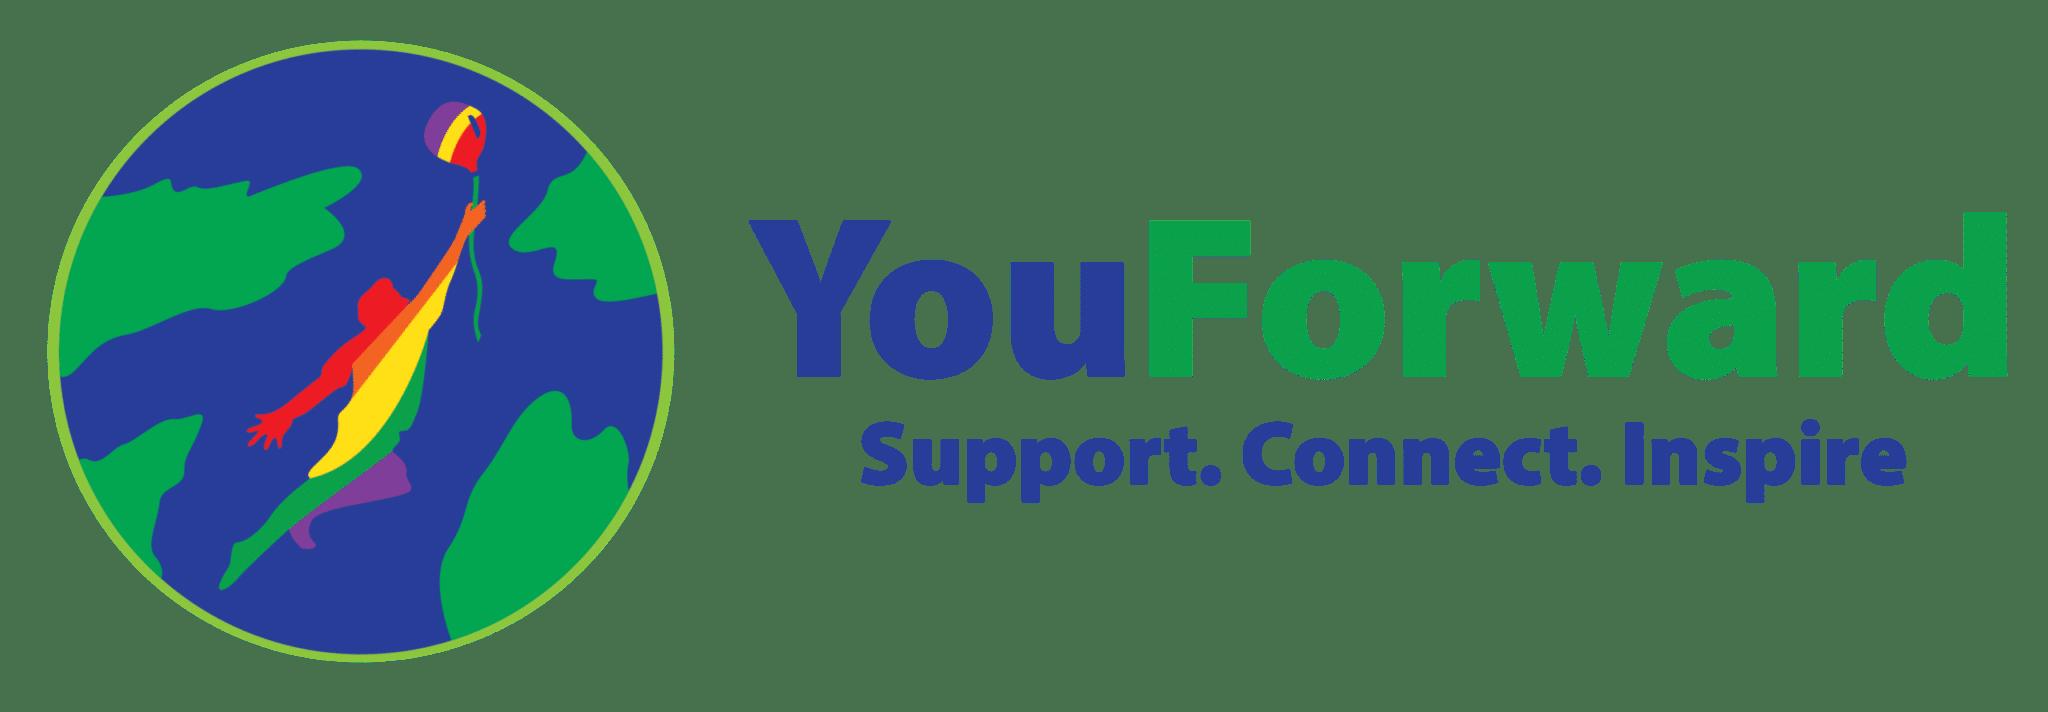 YouForward Logo Color